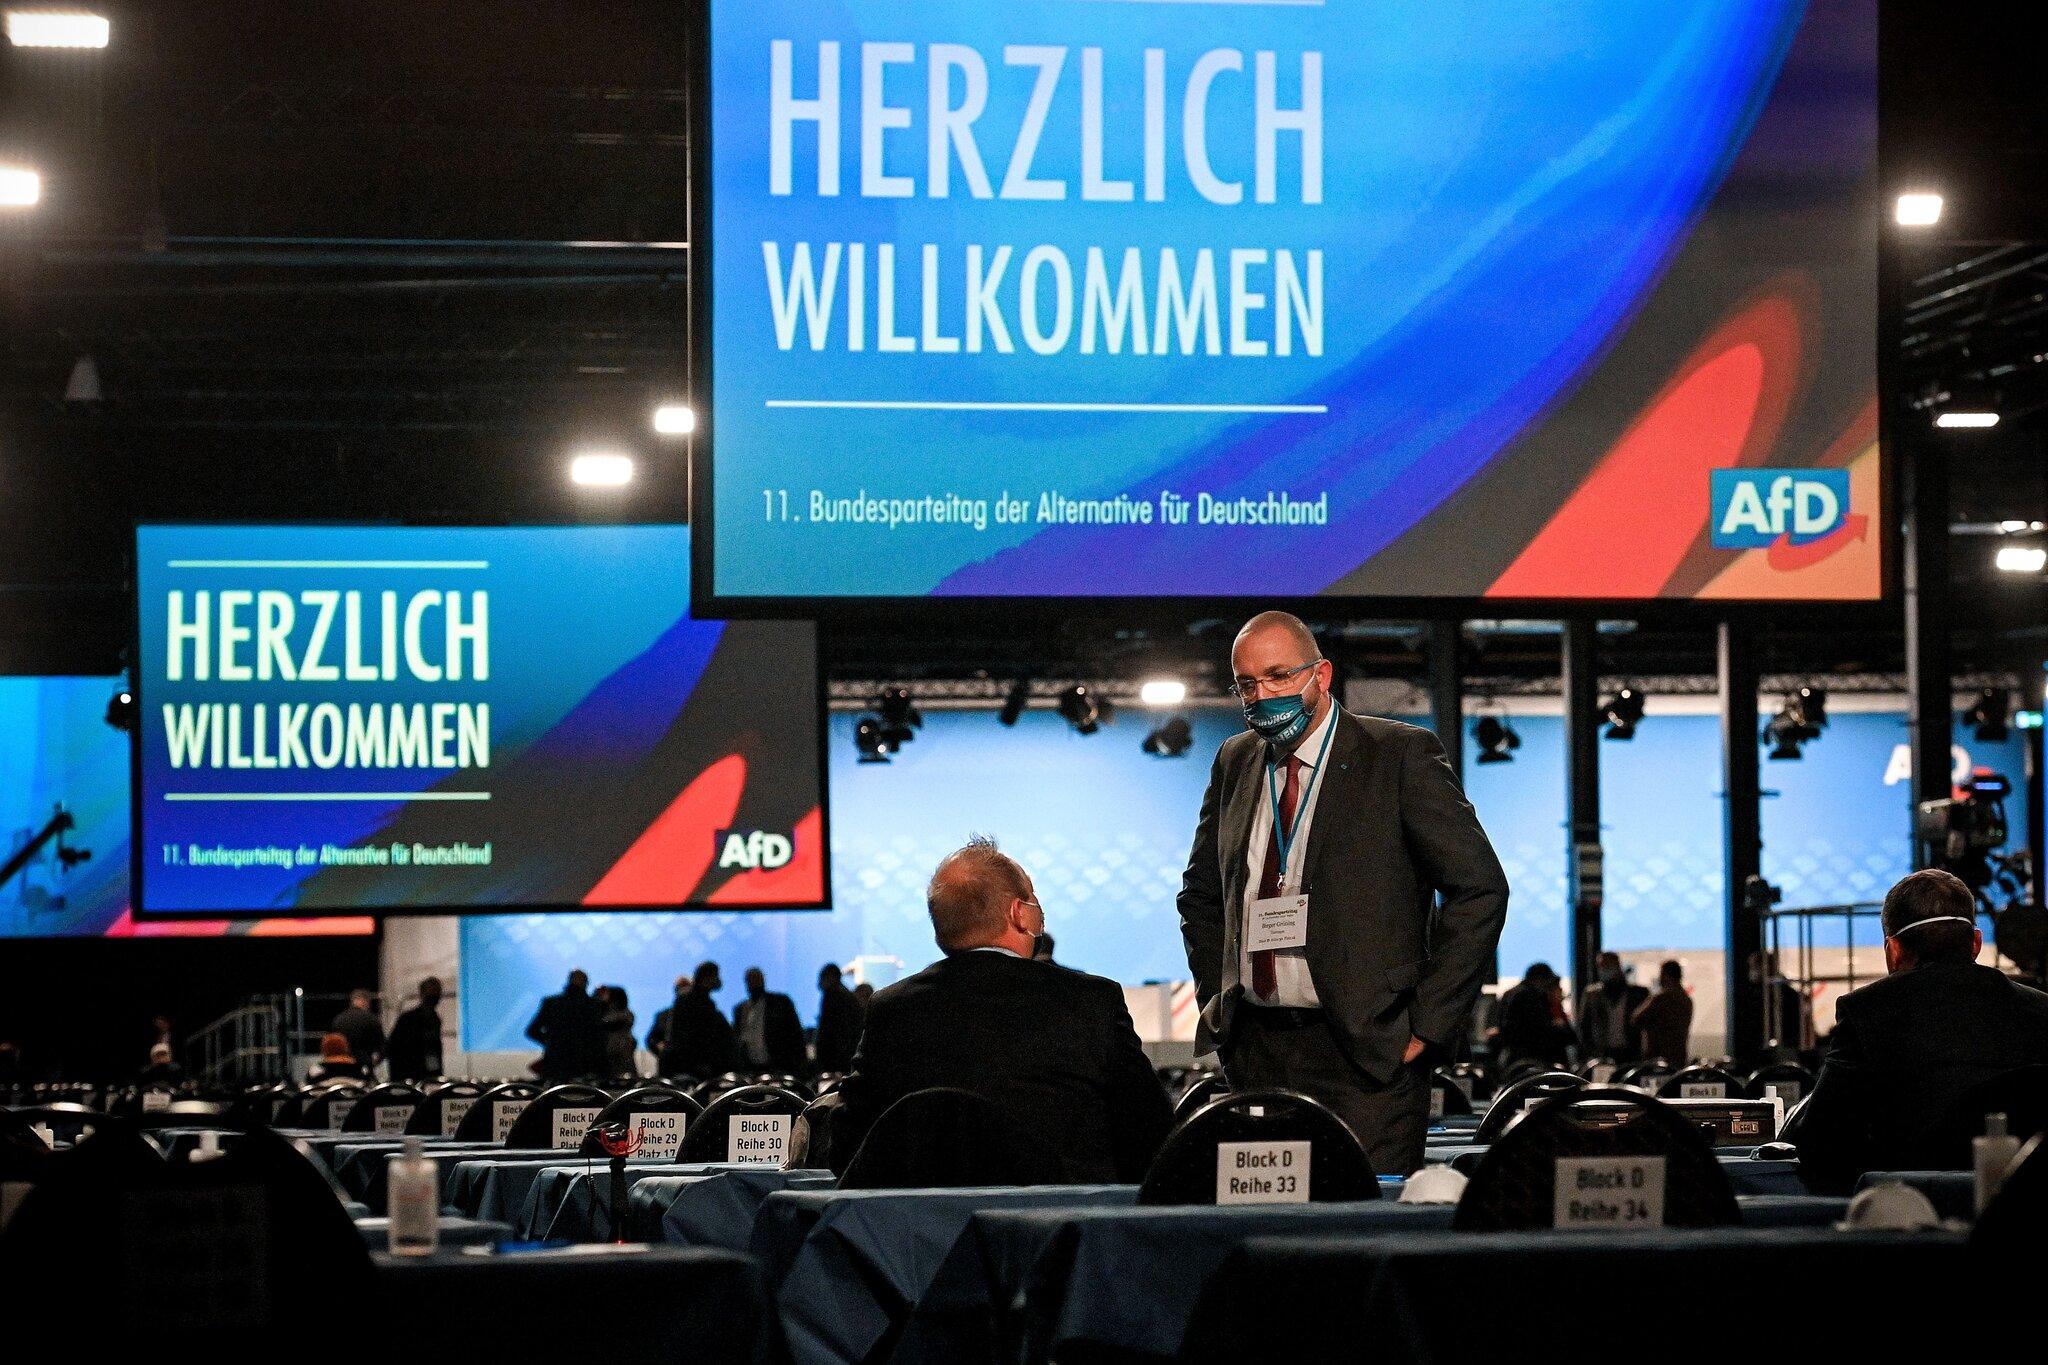 Alemanha coloca AfD, o partido de extrema-direita, sob vigilância